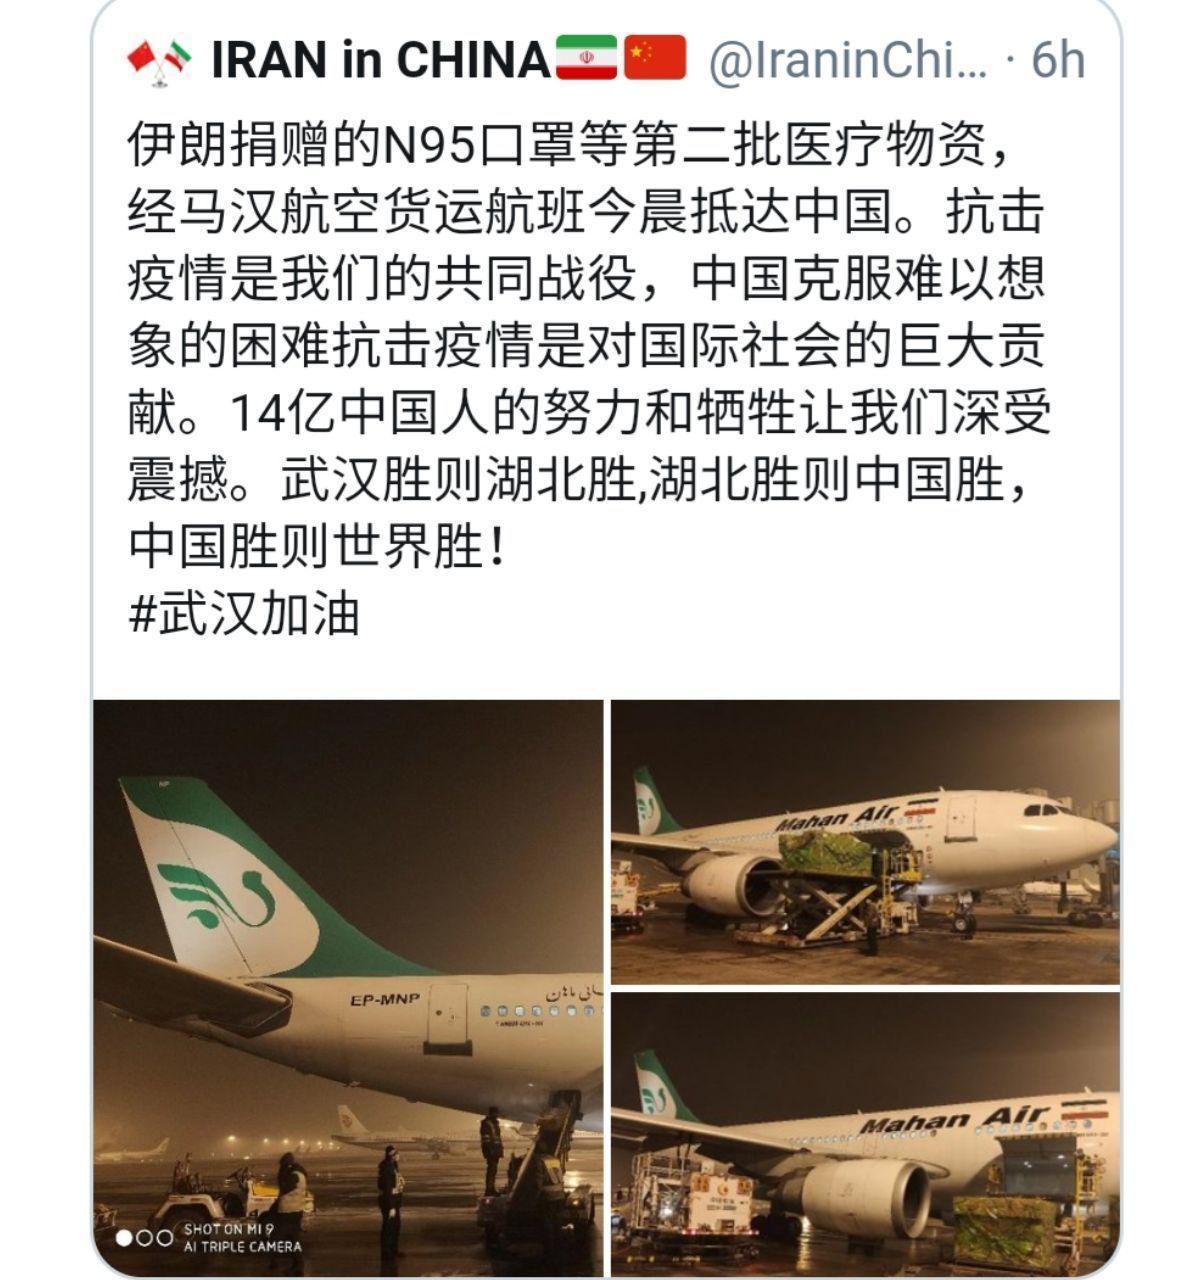 دومین محموله کمک پزشکی ایران امروز به پکن منتقل شد، شامل ماسک n95